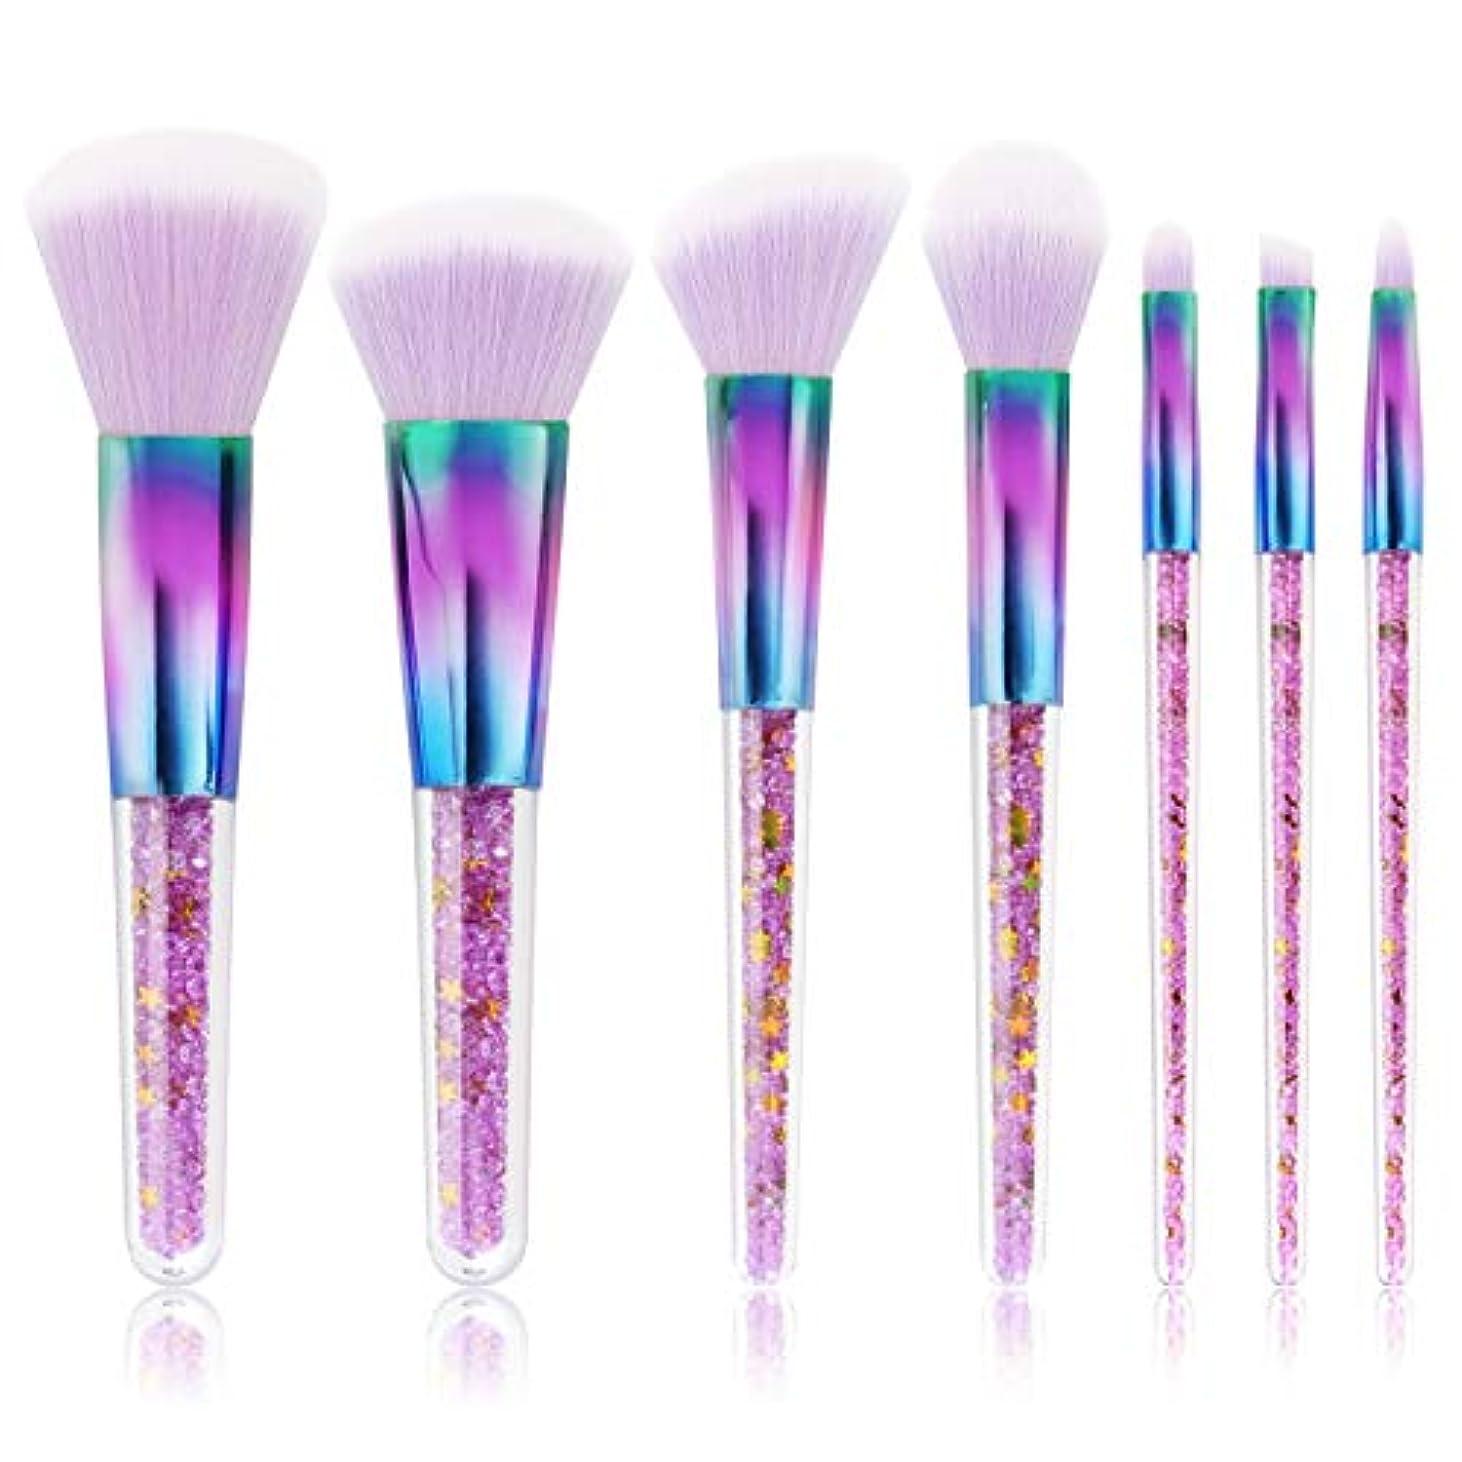 あらゆる種類の欠伸主Luxspire メイクブラシ 7本セット 化粧筆 化粧ポーチ付き 繊維毛 超柔らかい ふわふわ キラキラ ダイヤモンド クリスタル 紫